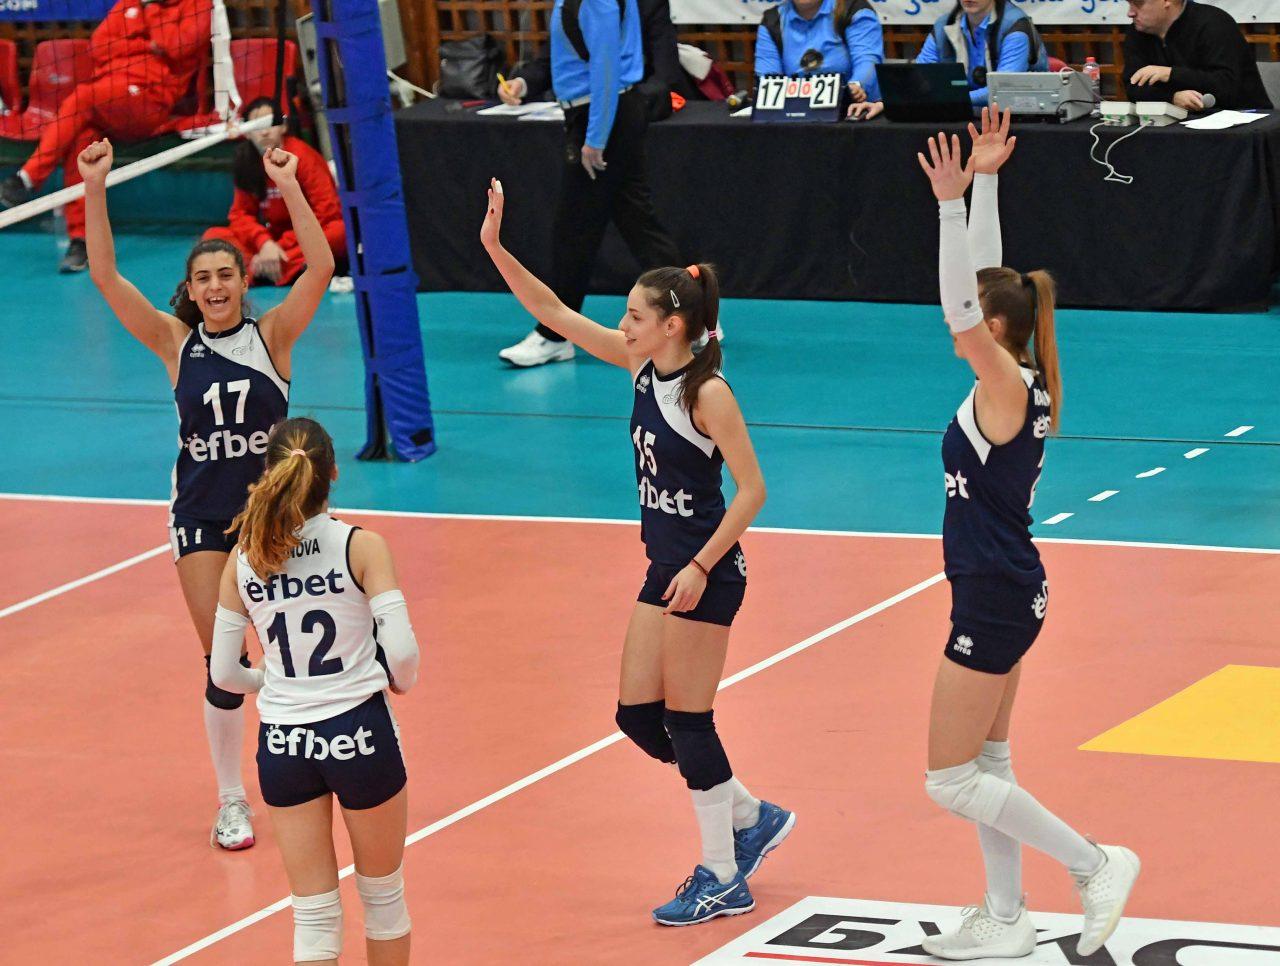 Цска-Левски-волейбол-жени-17-1280x966.jpg